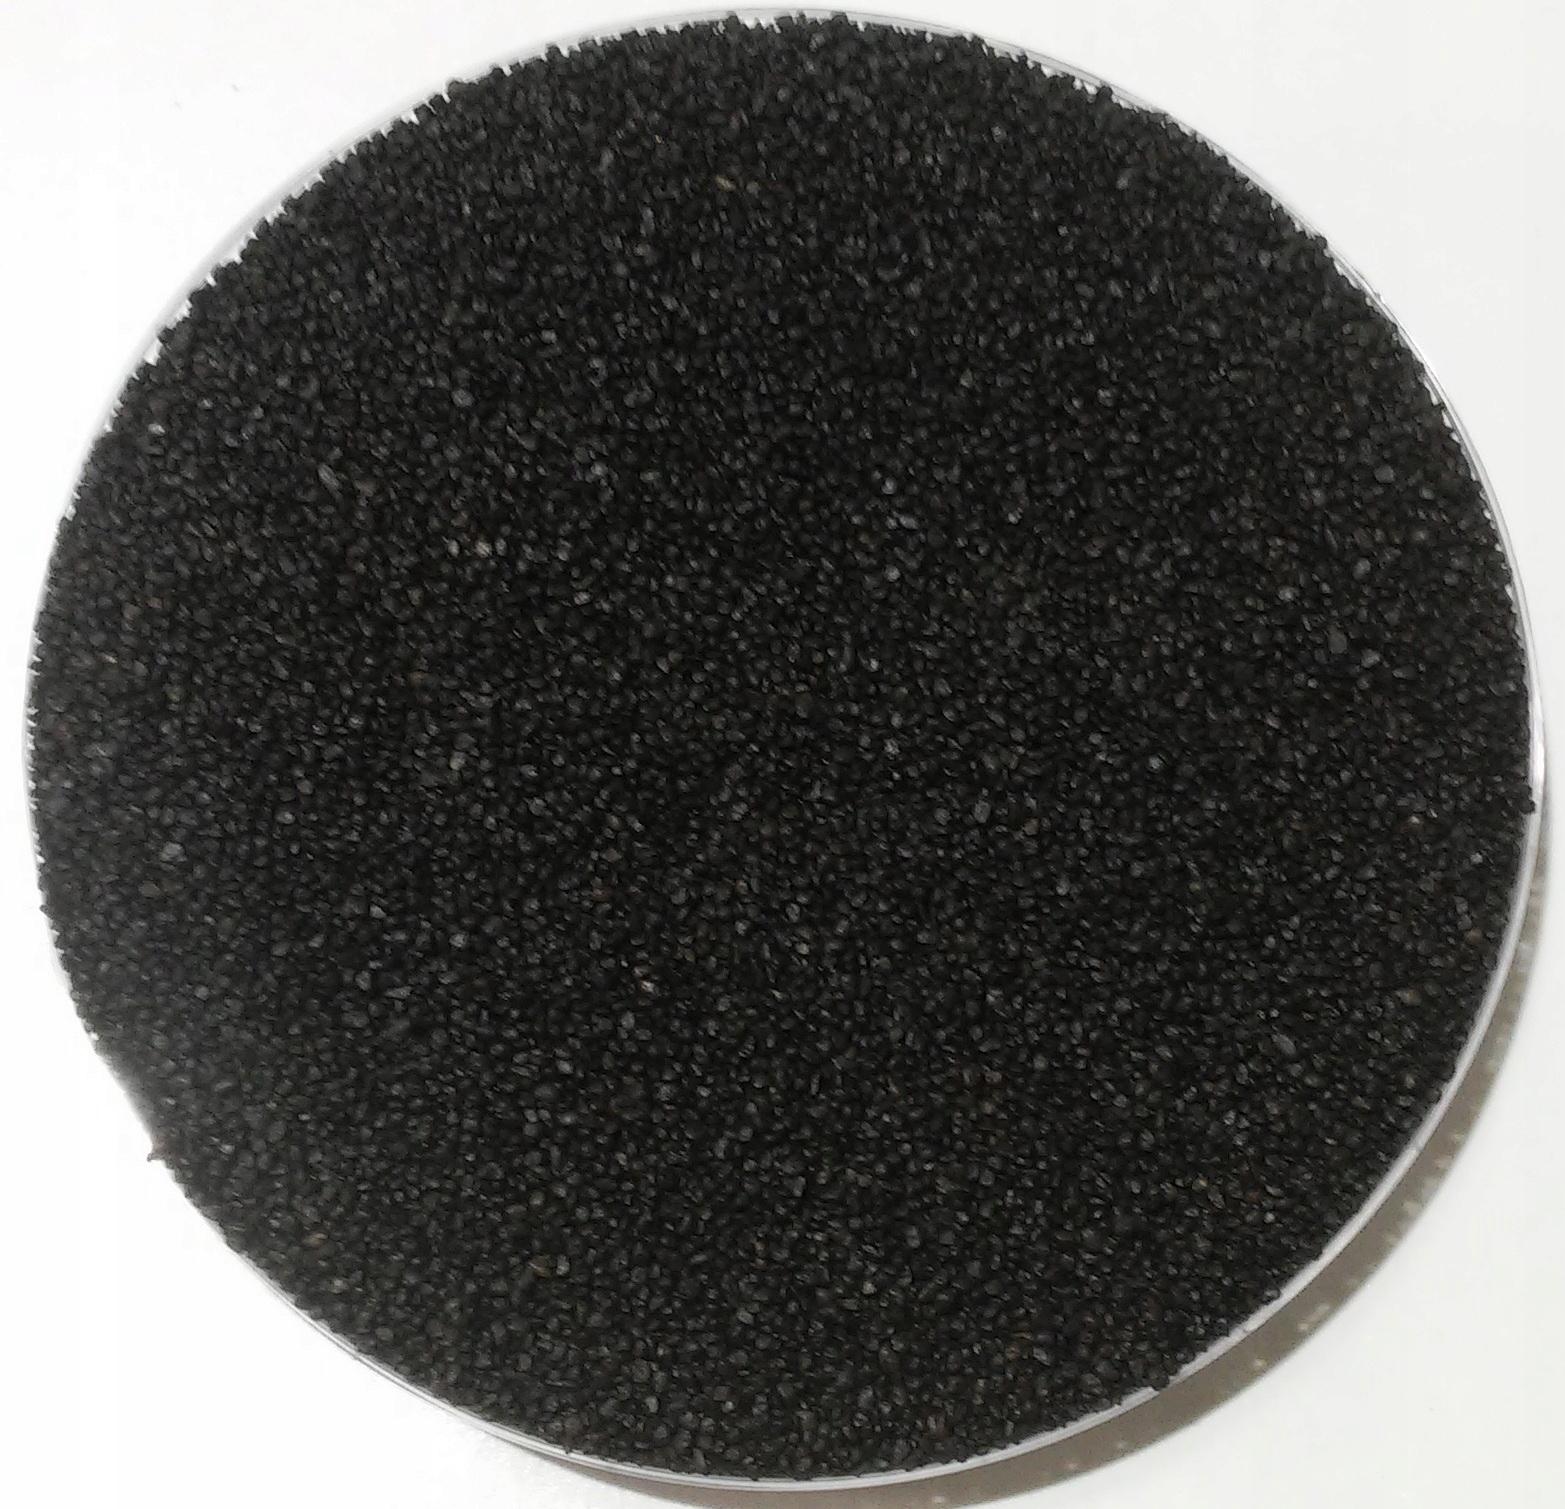 VÝPLŇ-PIESOK BLACK 1-1,6 mm 15 Kg AKVÁRIA